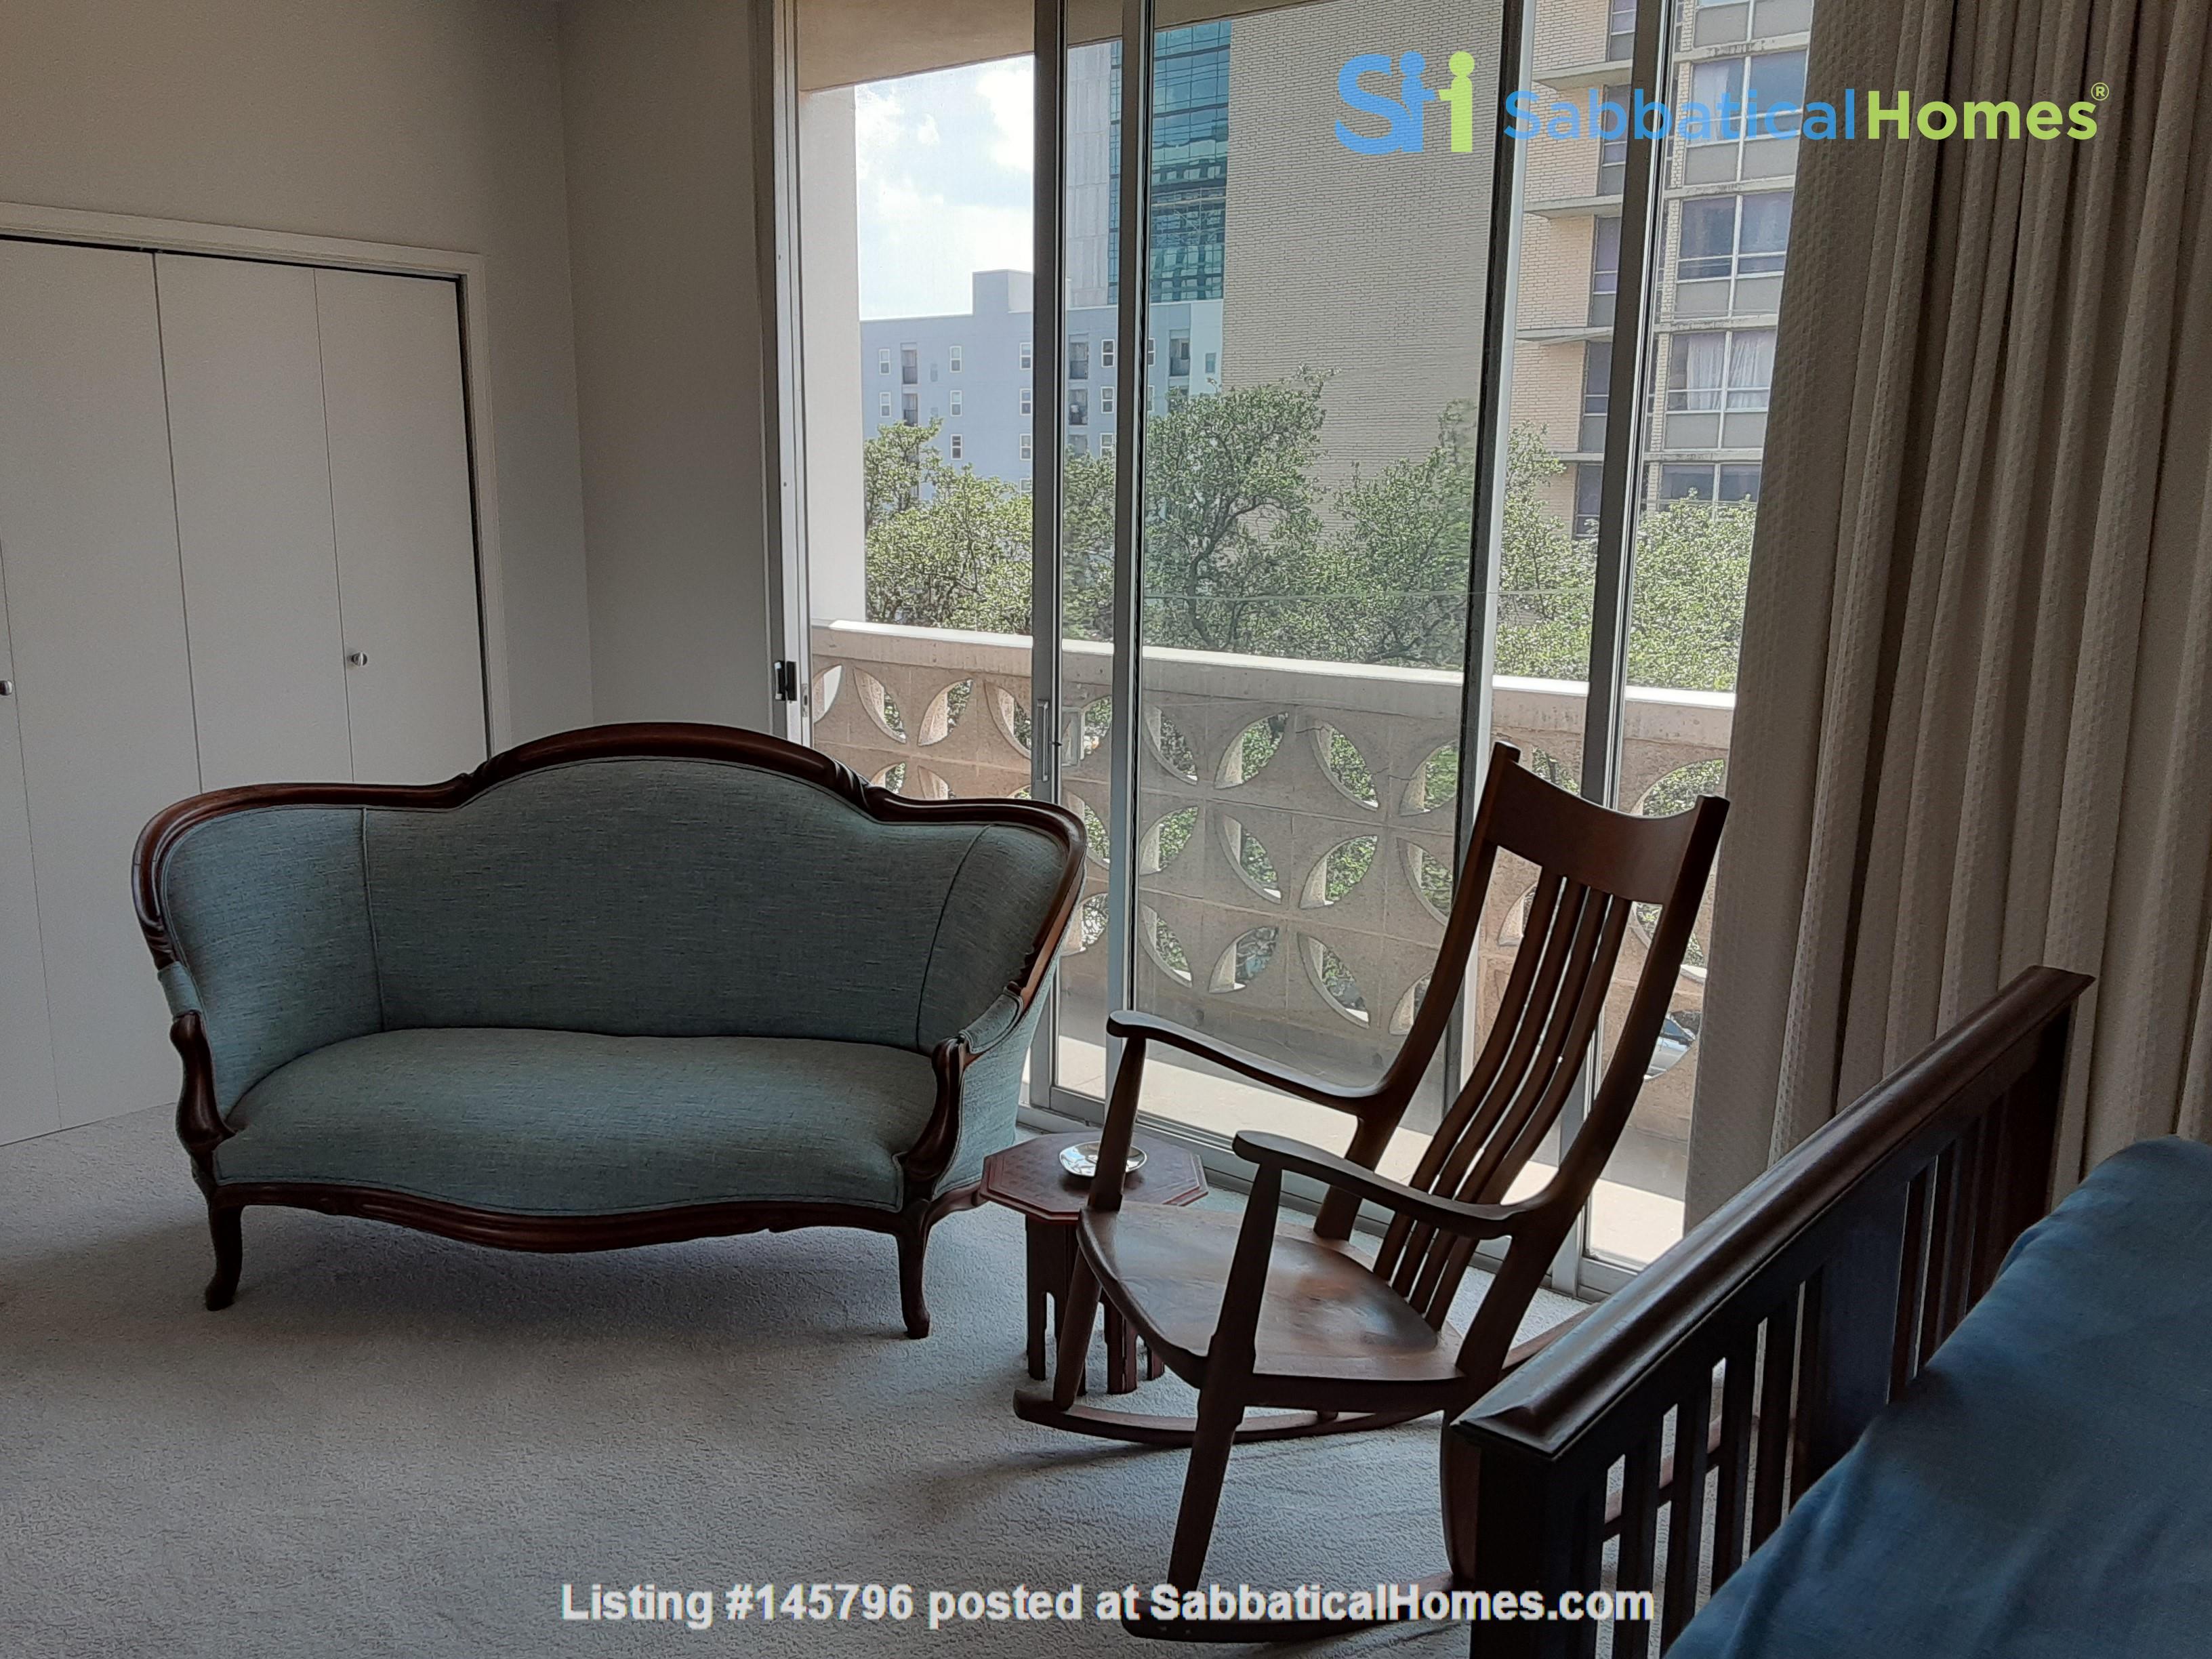 Airy 2-bd, 2-bth condominium facing UT campus. Home Rental in Austin 8